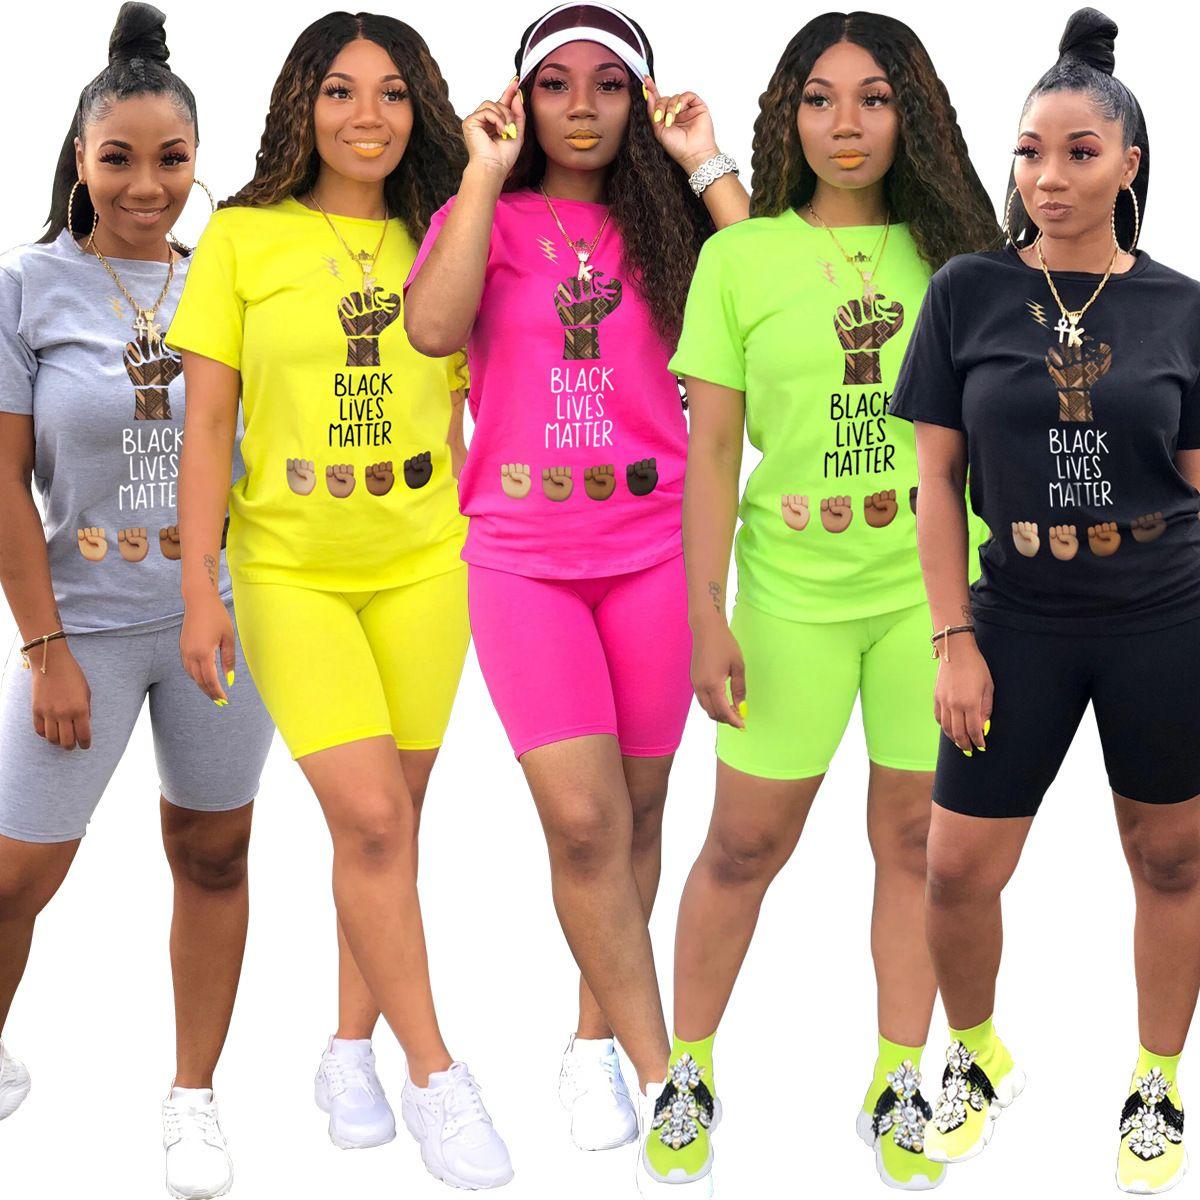 Женщины Письмо Black Tracksuits Live Motal 2 Piece Набор Футболка Шорты Шорты Шорты для футболки Летняя Повседневная Одежда Полносуществу Полносуточная Короткая Рукав S-2XL